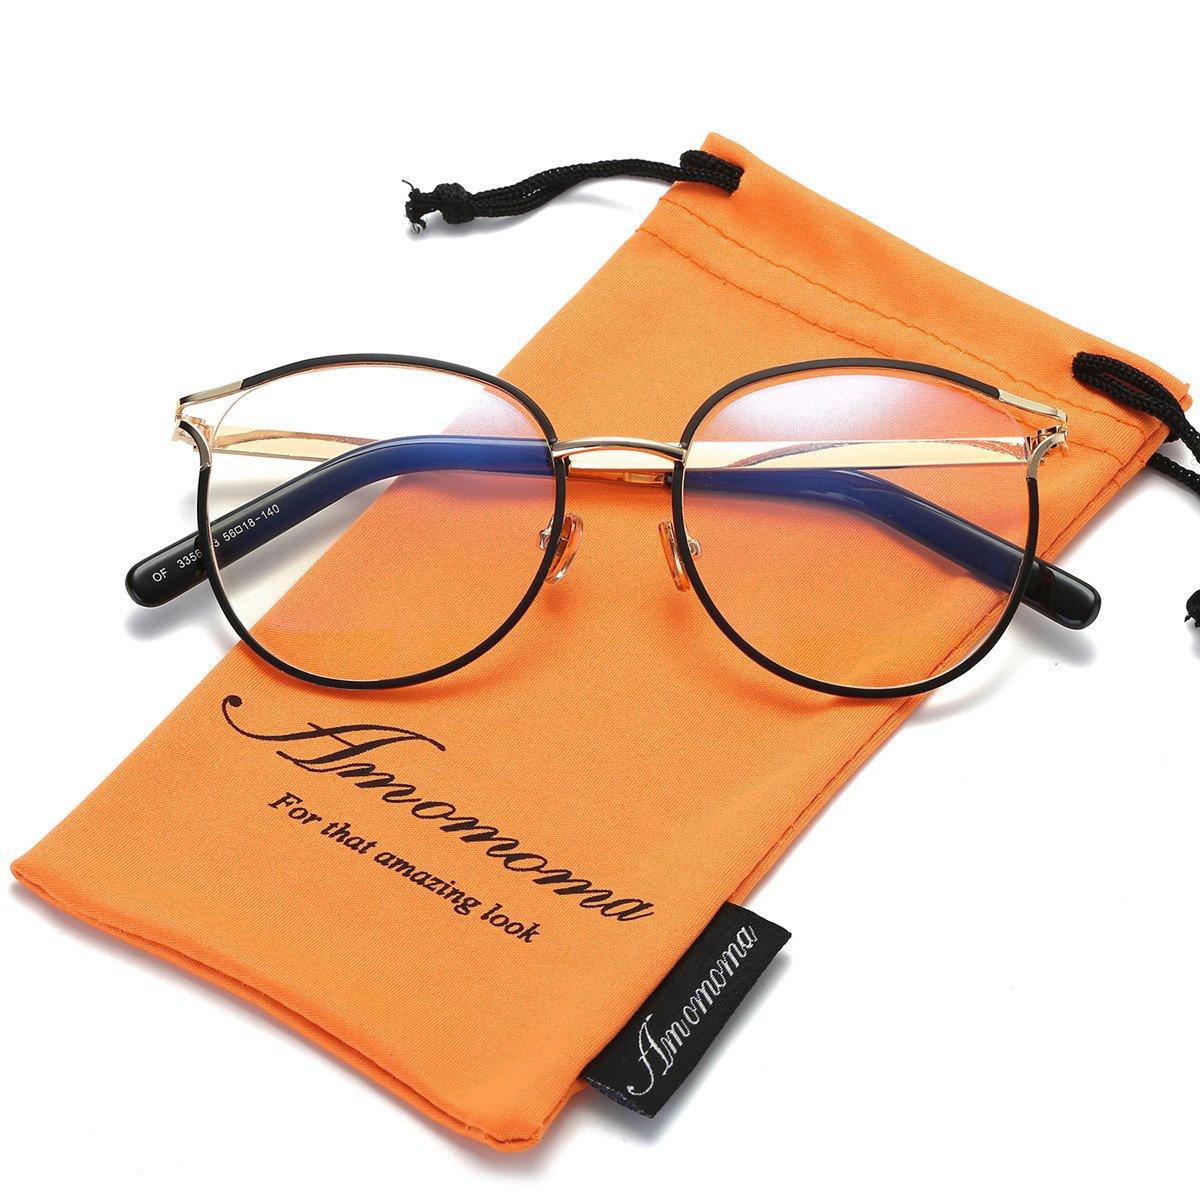 Amomoma Retro Round Women Eyeglasses Eyewear Optical Frame Clear Glasses AM5005 With Black Frame/Gold Temple by Amomoma